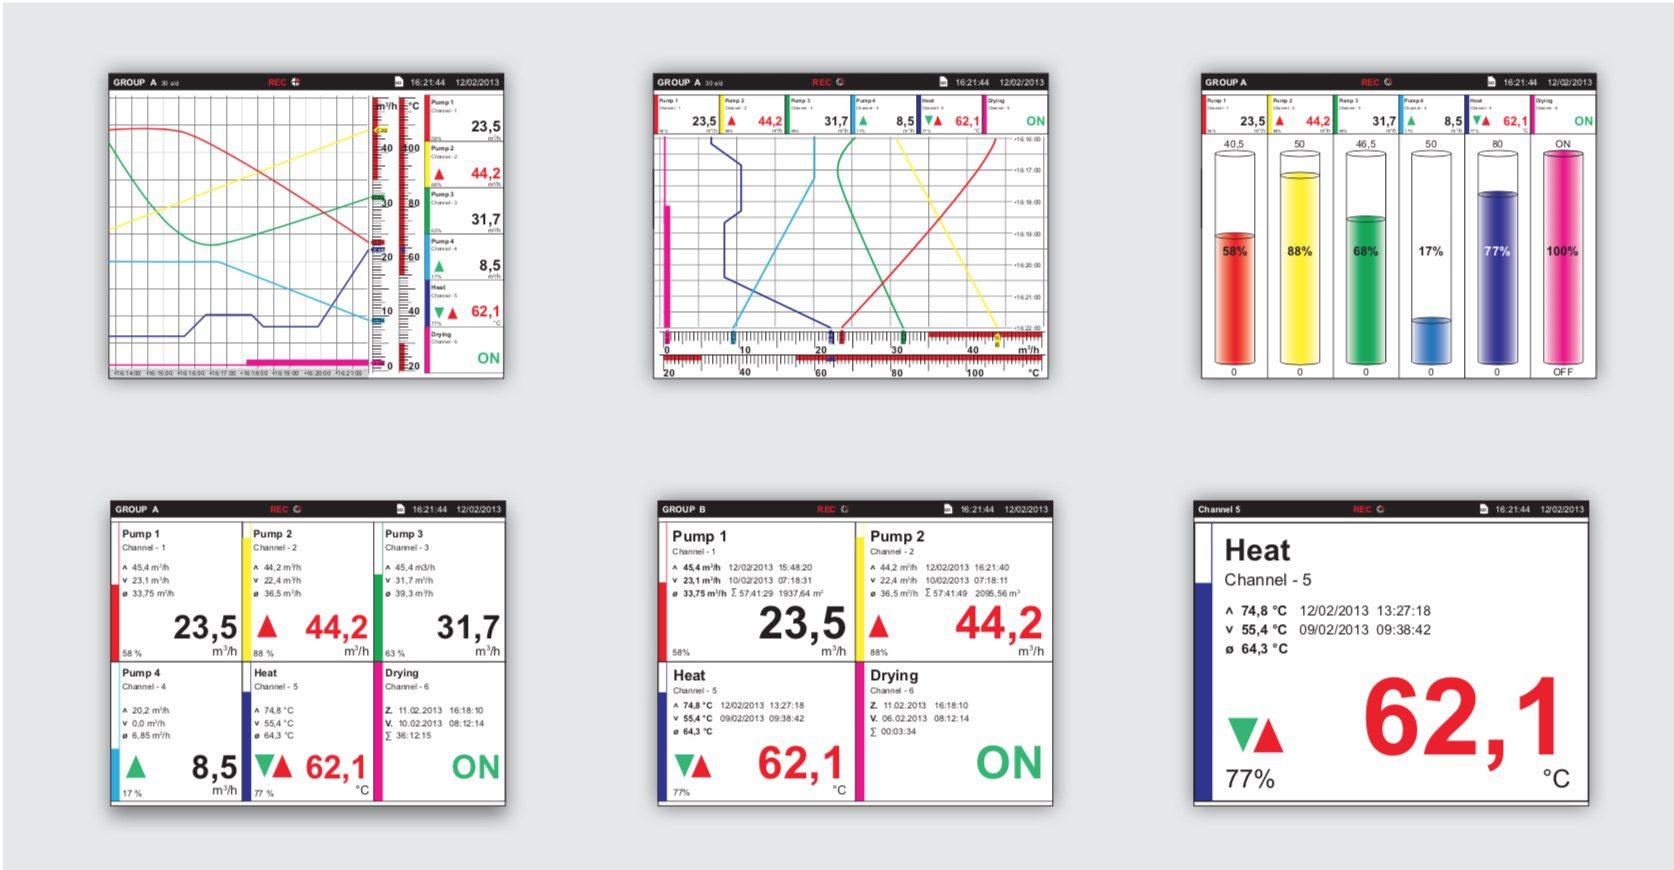 Giao diện hiển thị của bộ lưu dữ liệu